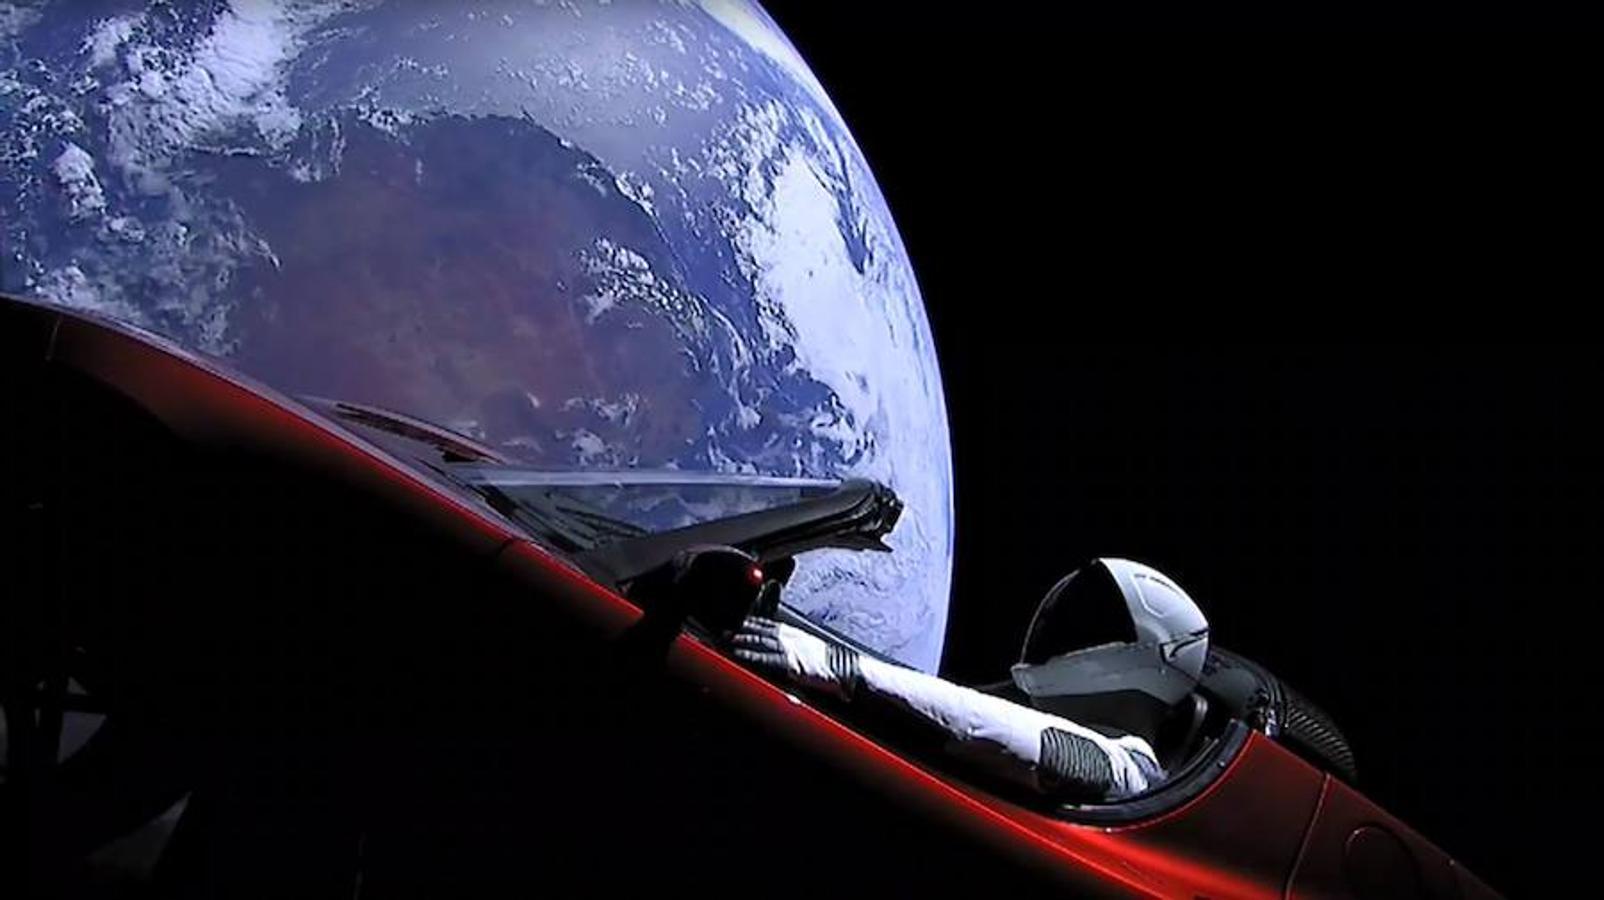 Esta imagen tomada de un vídeo en vivo de SpaceX muestra al maniquí «Starman» sentado en el Tesla interior del Falcon Heavy después de entrar en órbita el 7 de febrero de 2018. Gritos y vítores estallaron en Cabo Cañaveral, Florida cuando el enorme cohete hizo funcionar sus 27 motores. El Falcon Heavy alcanzó el cielo desde la misma plataforma de lanzamiento que la NASA utilizó para las misiones estadounidenses la luna hace cuatro décadas